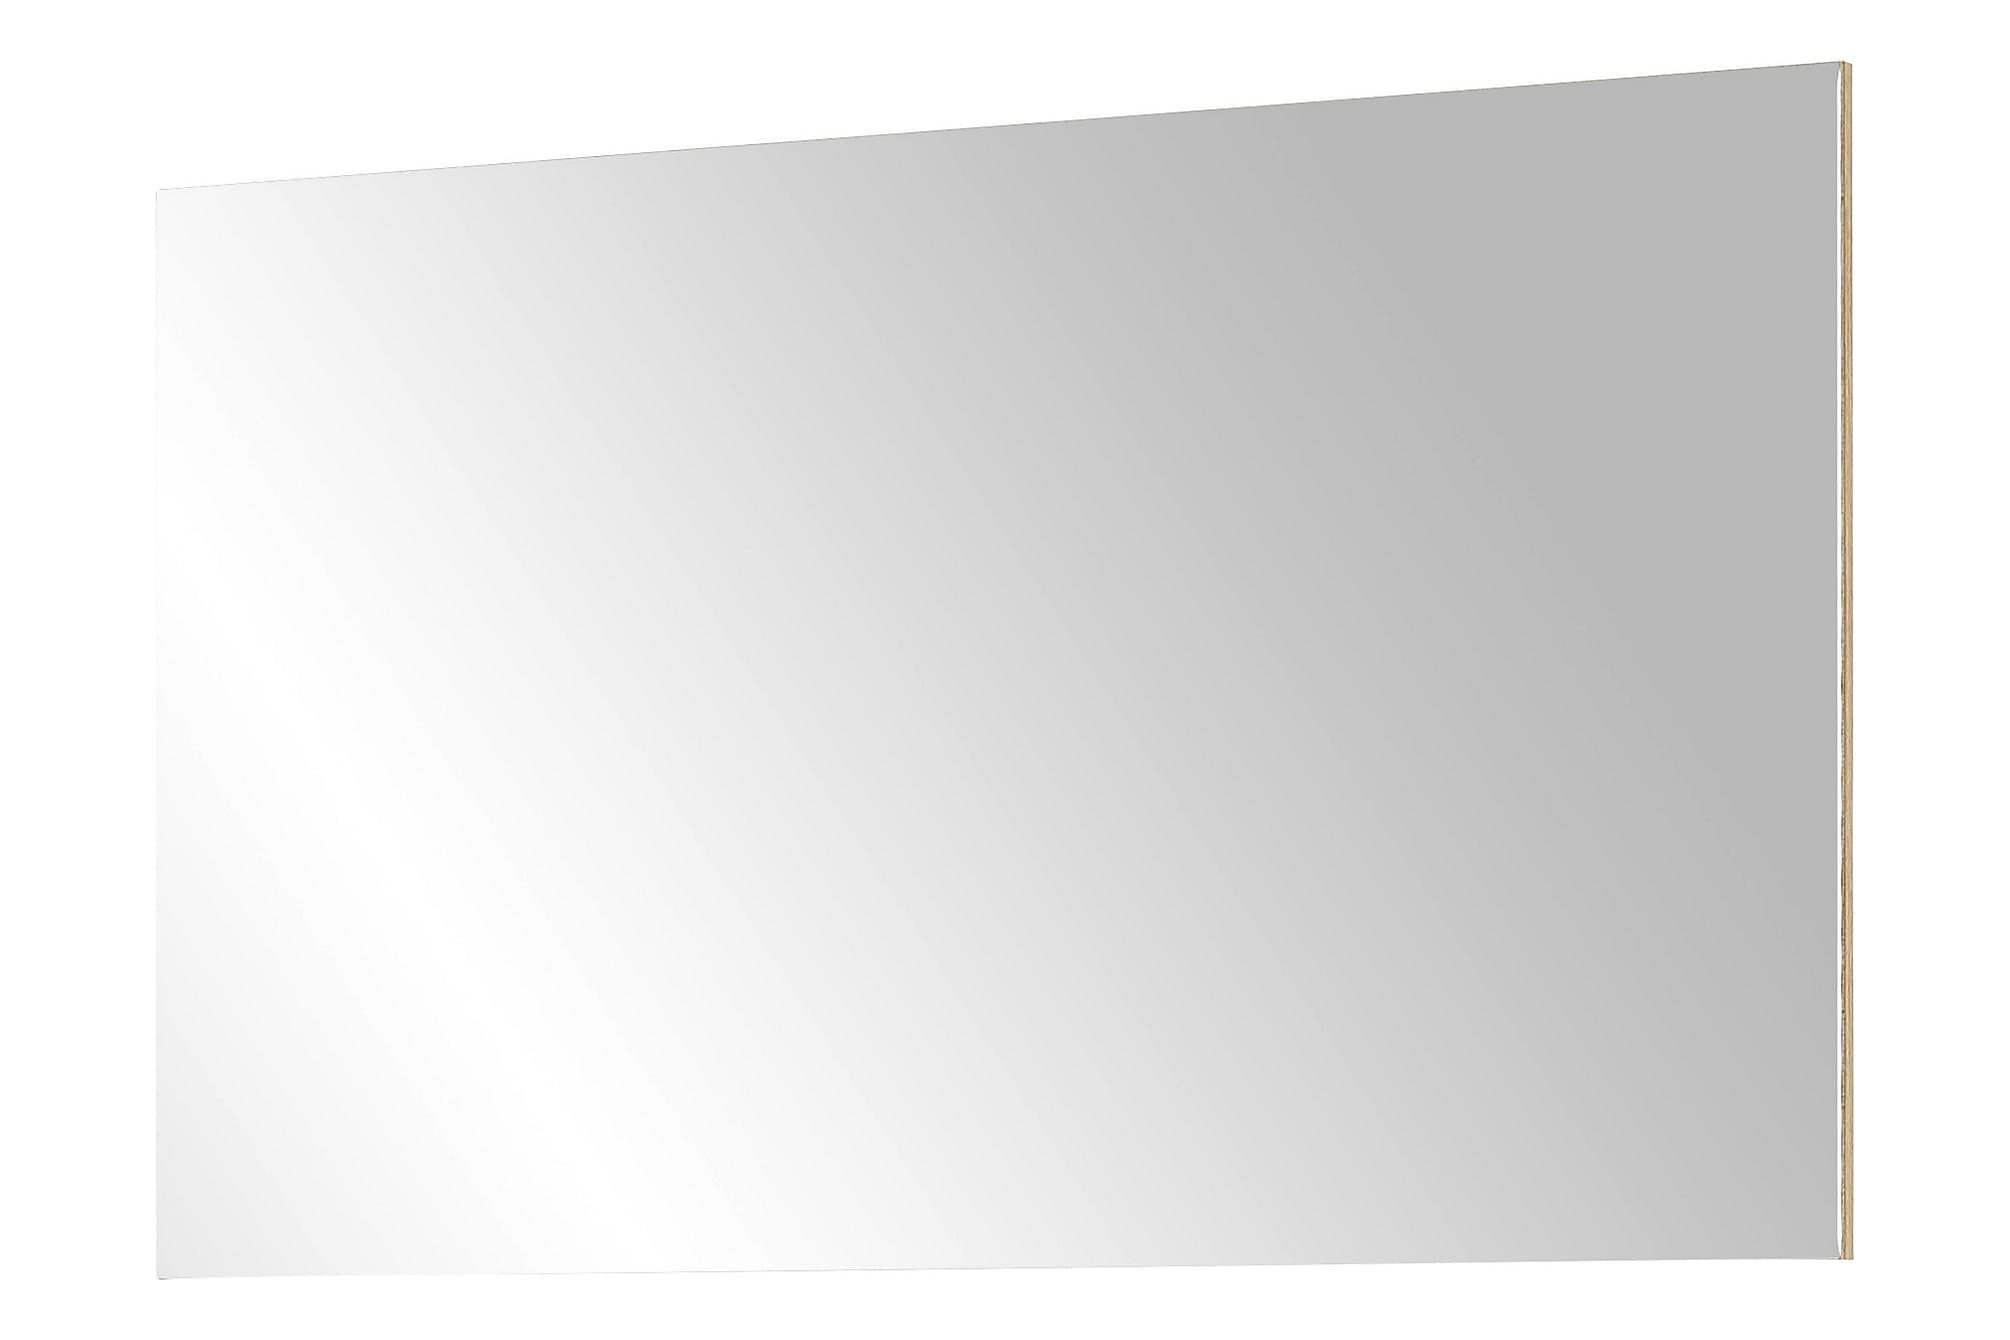 TAVERNA Spegel 96x60 Bok, Speglar